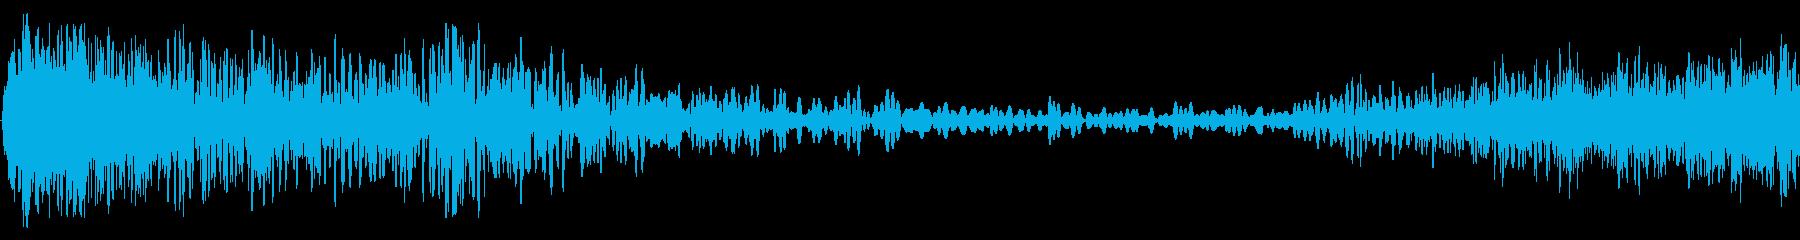 ダイブアンドライズの再生済みの波形